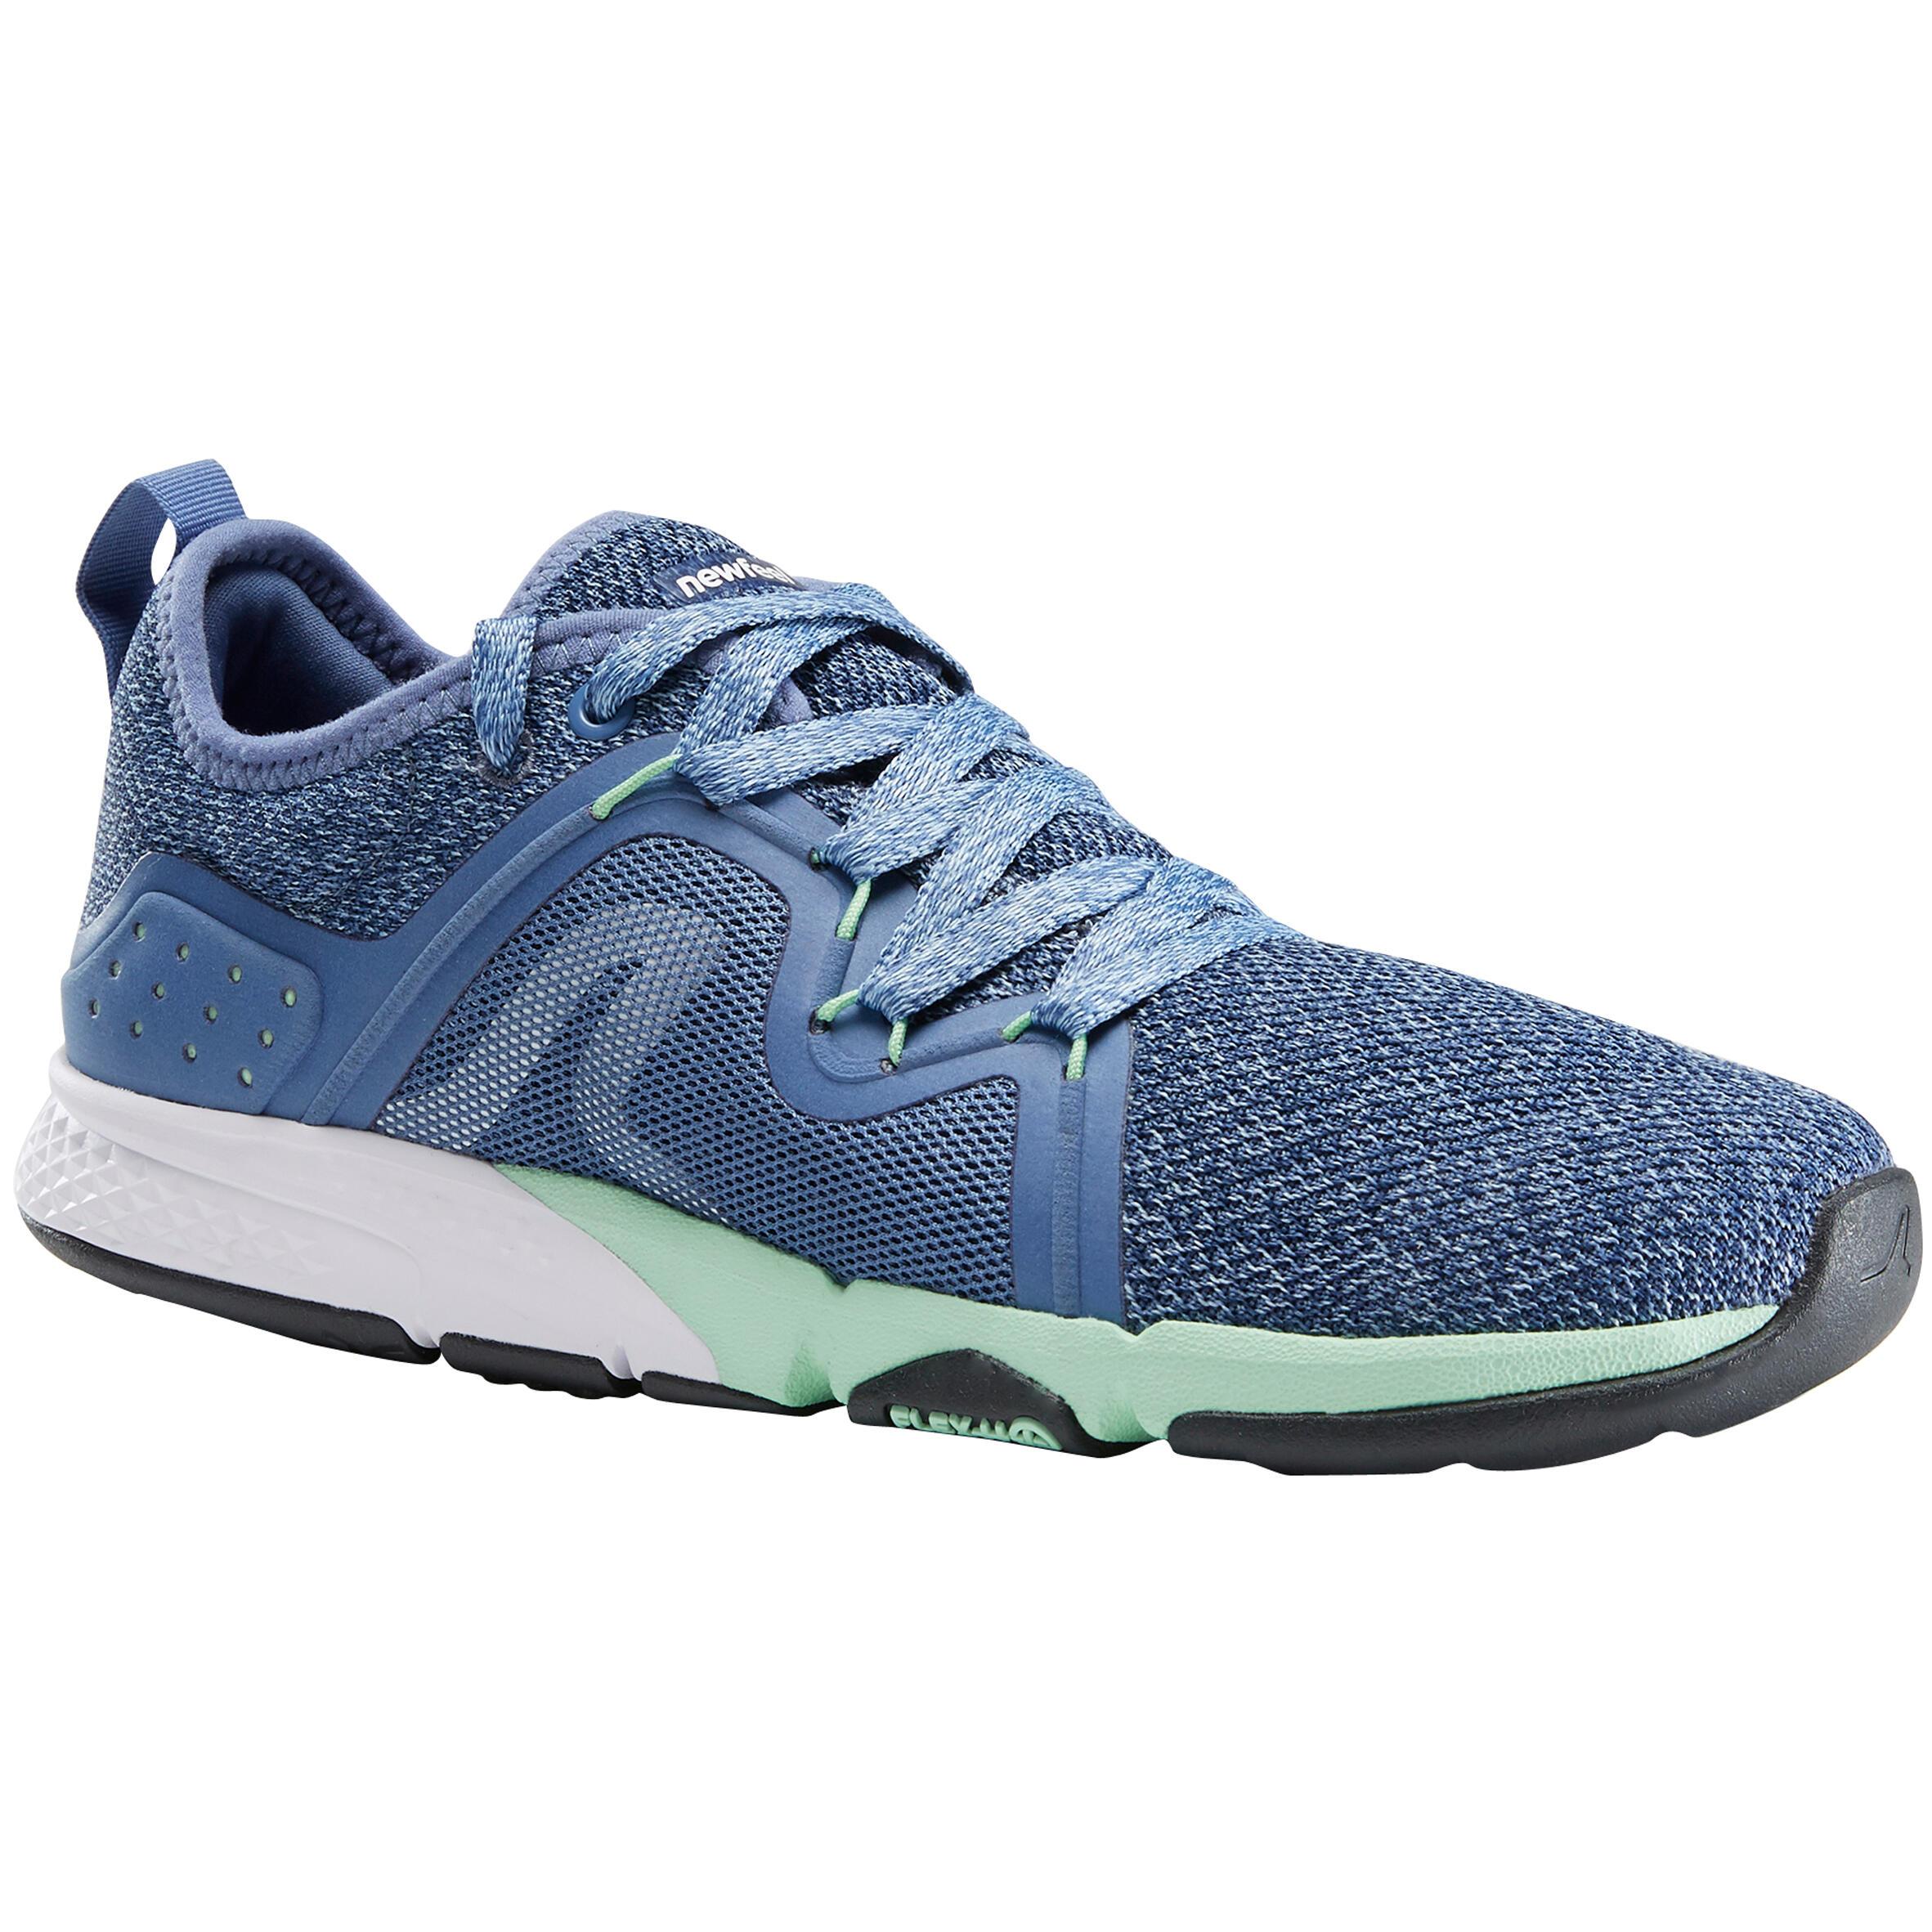 Newfeel Chaussures marche sportive femme PW 540 Flex-H+ bleu - Newfeel